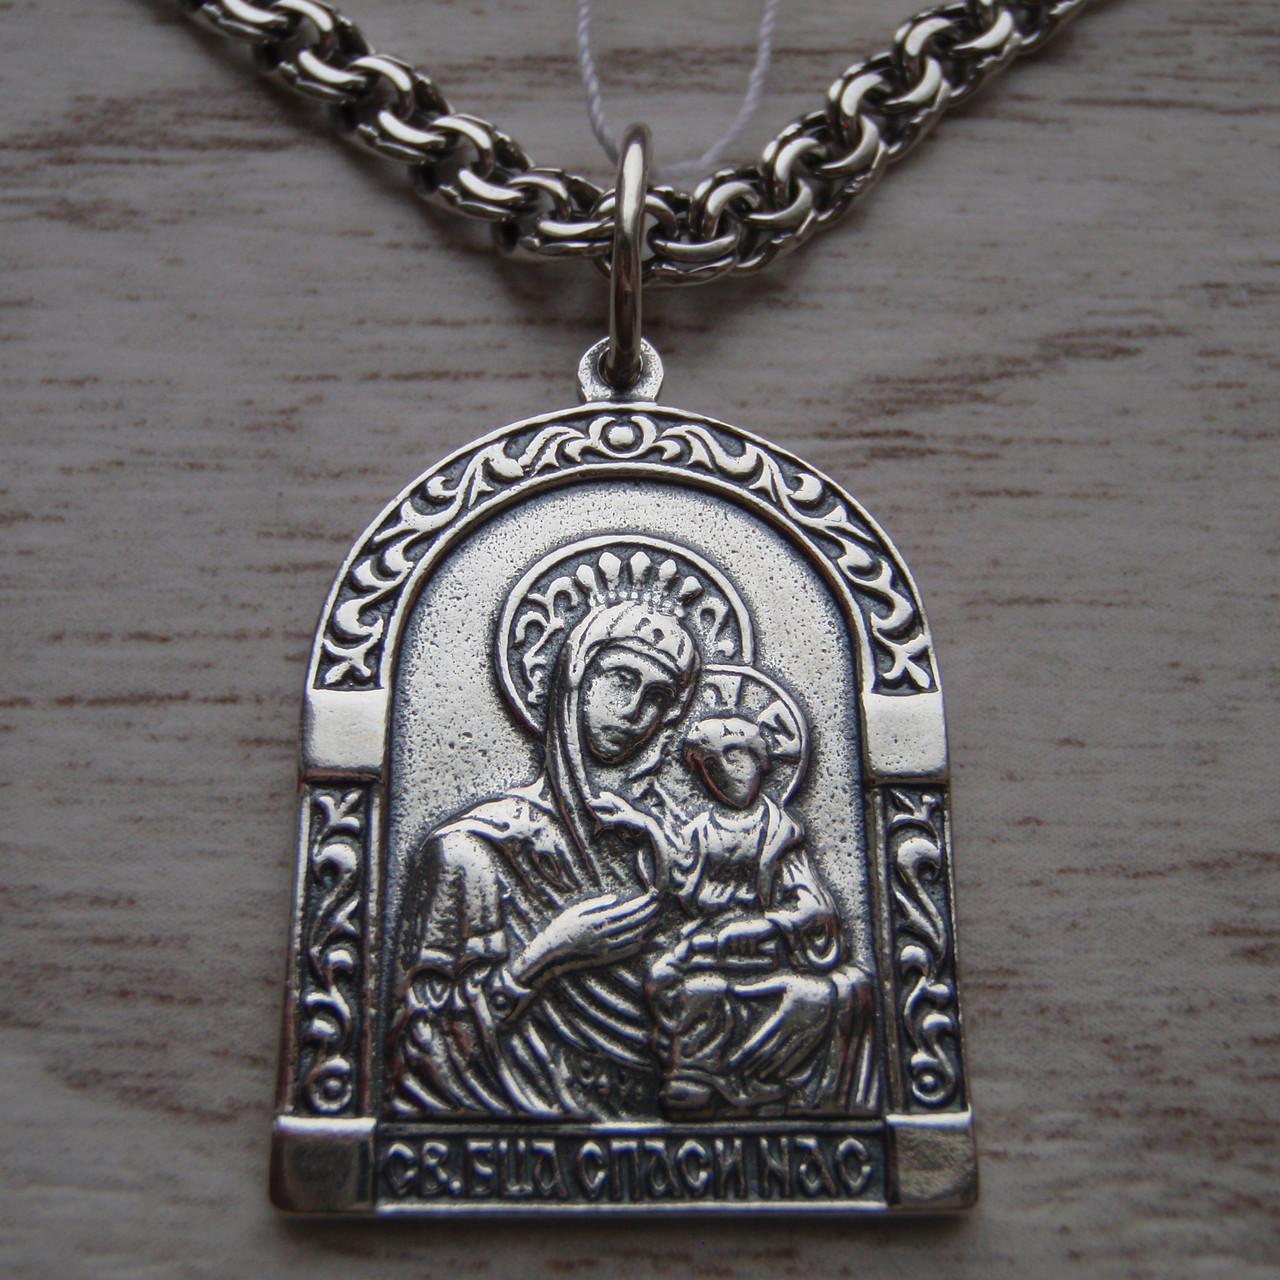 Купить кулон в виде серебряной монеты македонского сторублевая